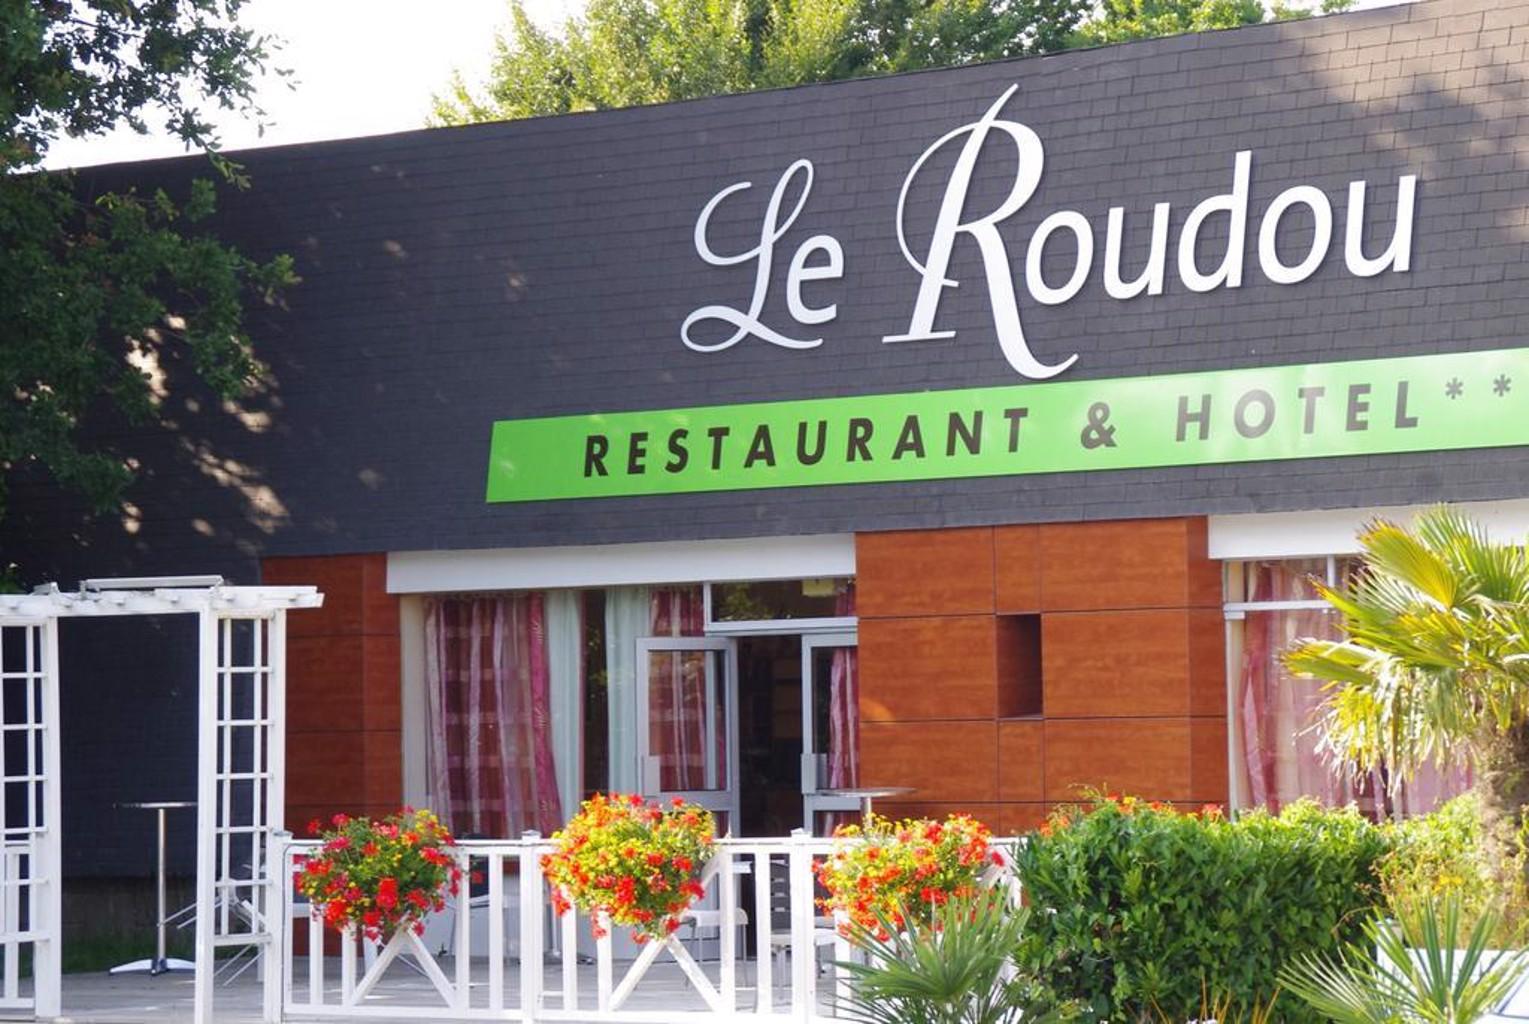 Gallery image of Hôtel le Roudou